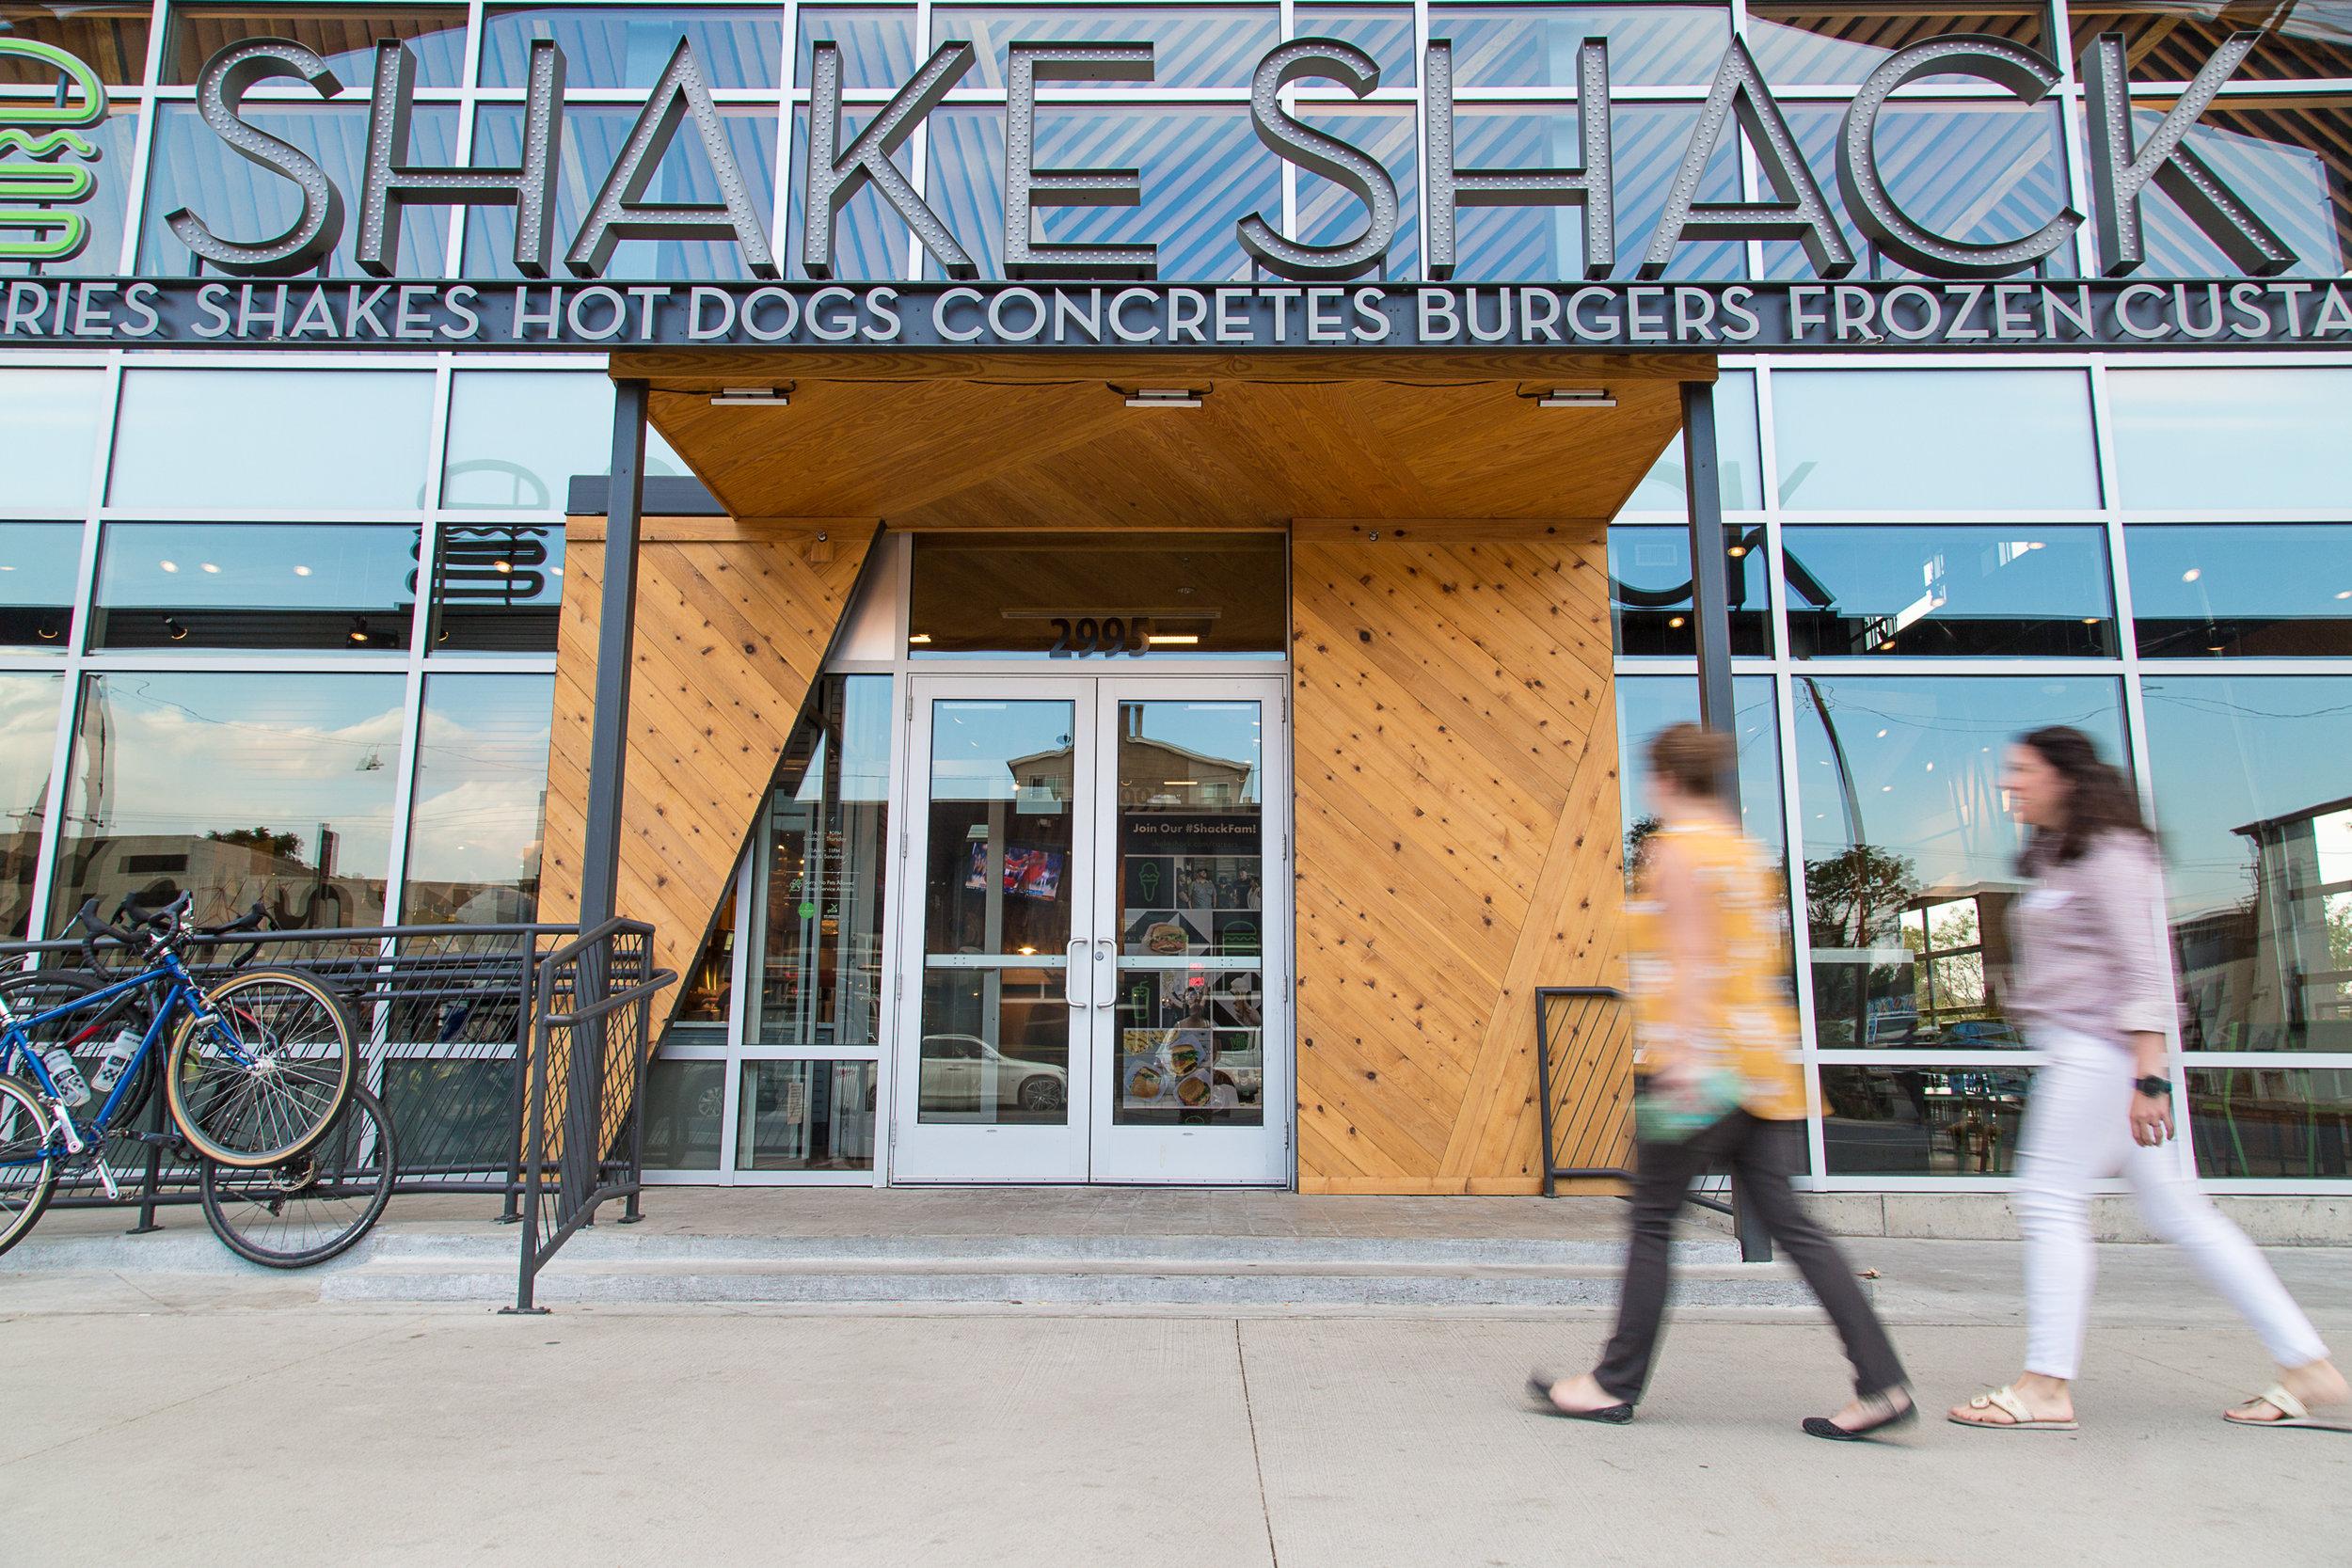 PROJECT INFORMATION - Location: Denver, COSite Size: 0.9 acresBuilding Size: 29,750 SFConstruction Duration: 12 Months